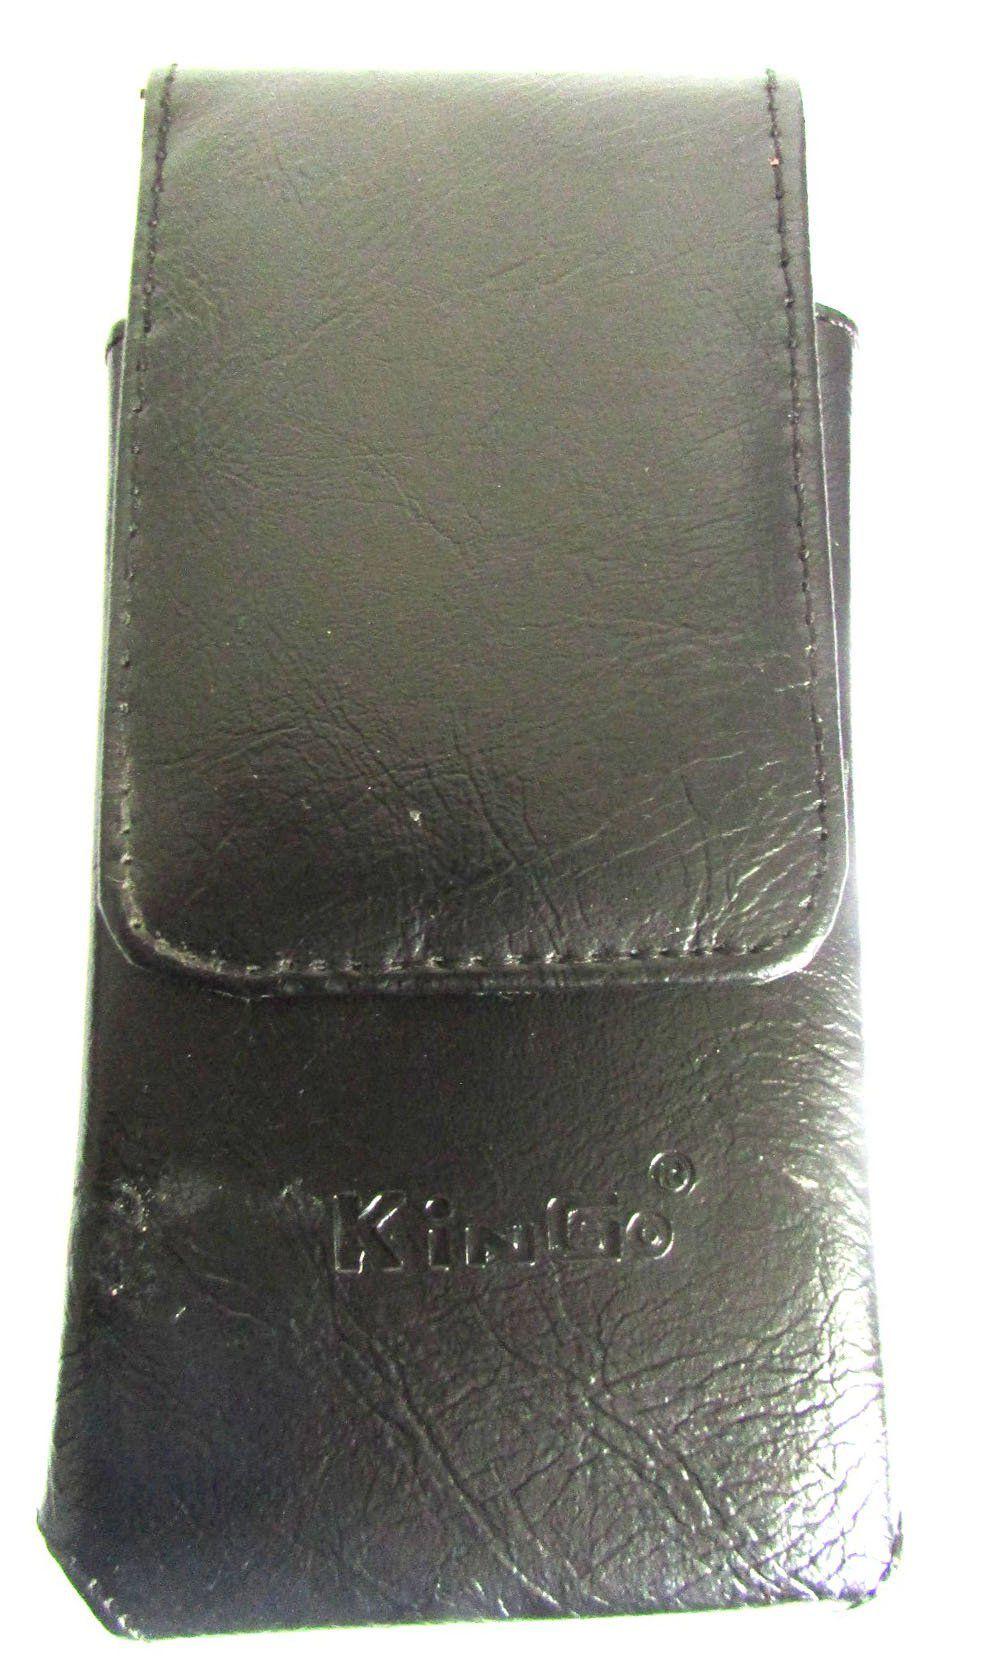 Capa Protetora de cintura P/ Celular KV03/S9 (7cm x 14cm)